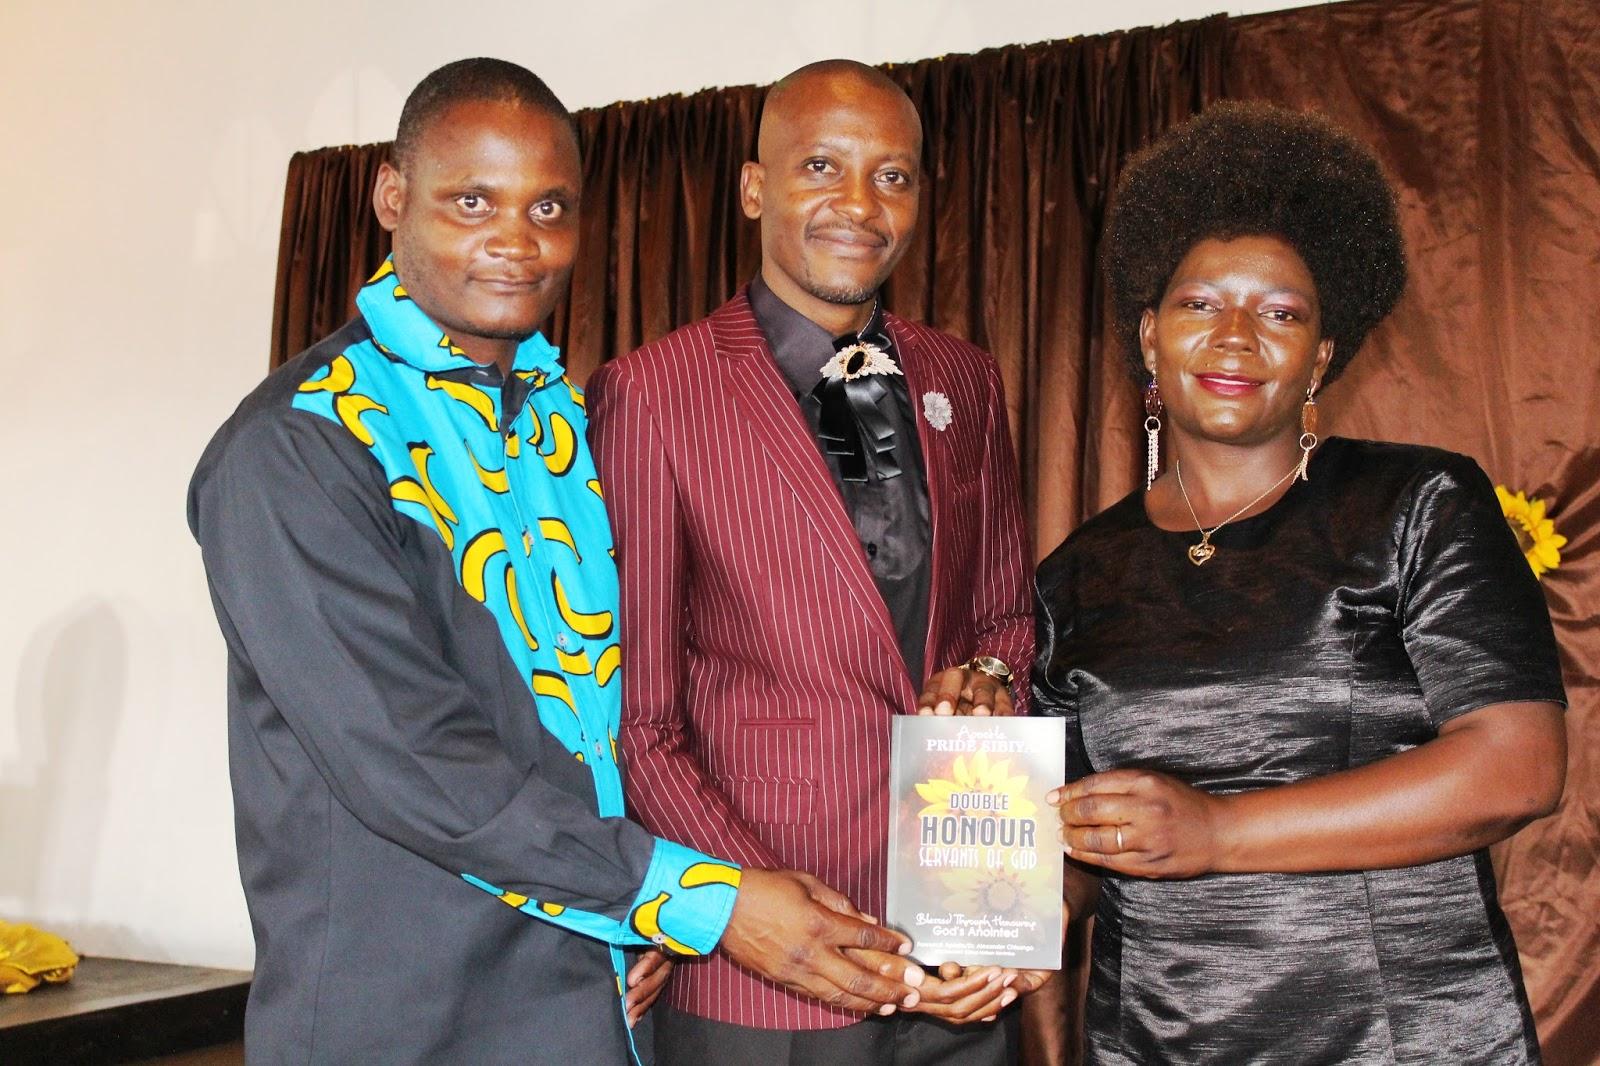 God's Generals - I Testify, Apostle P. Sibiya Is A Kingdom General